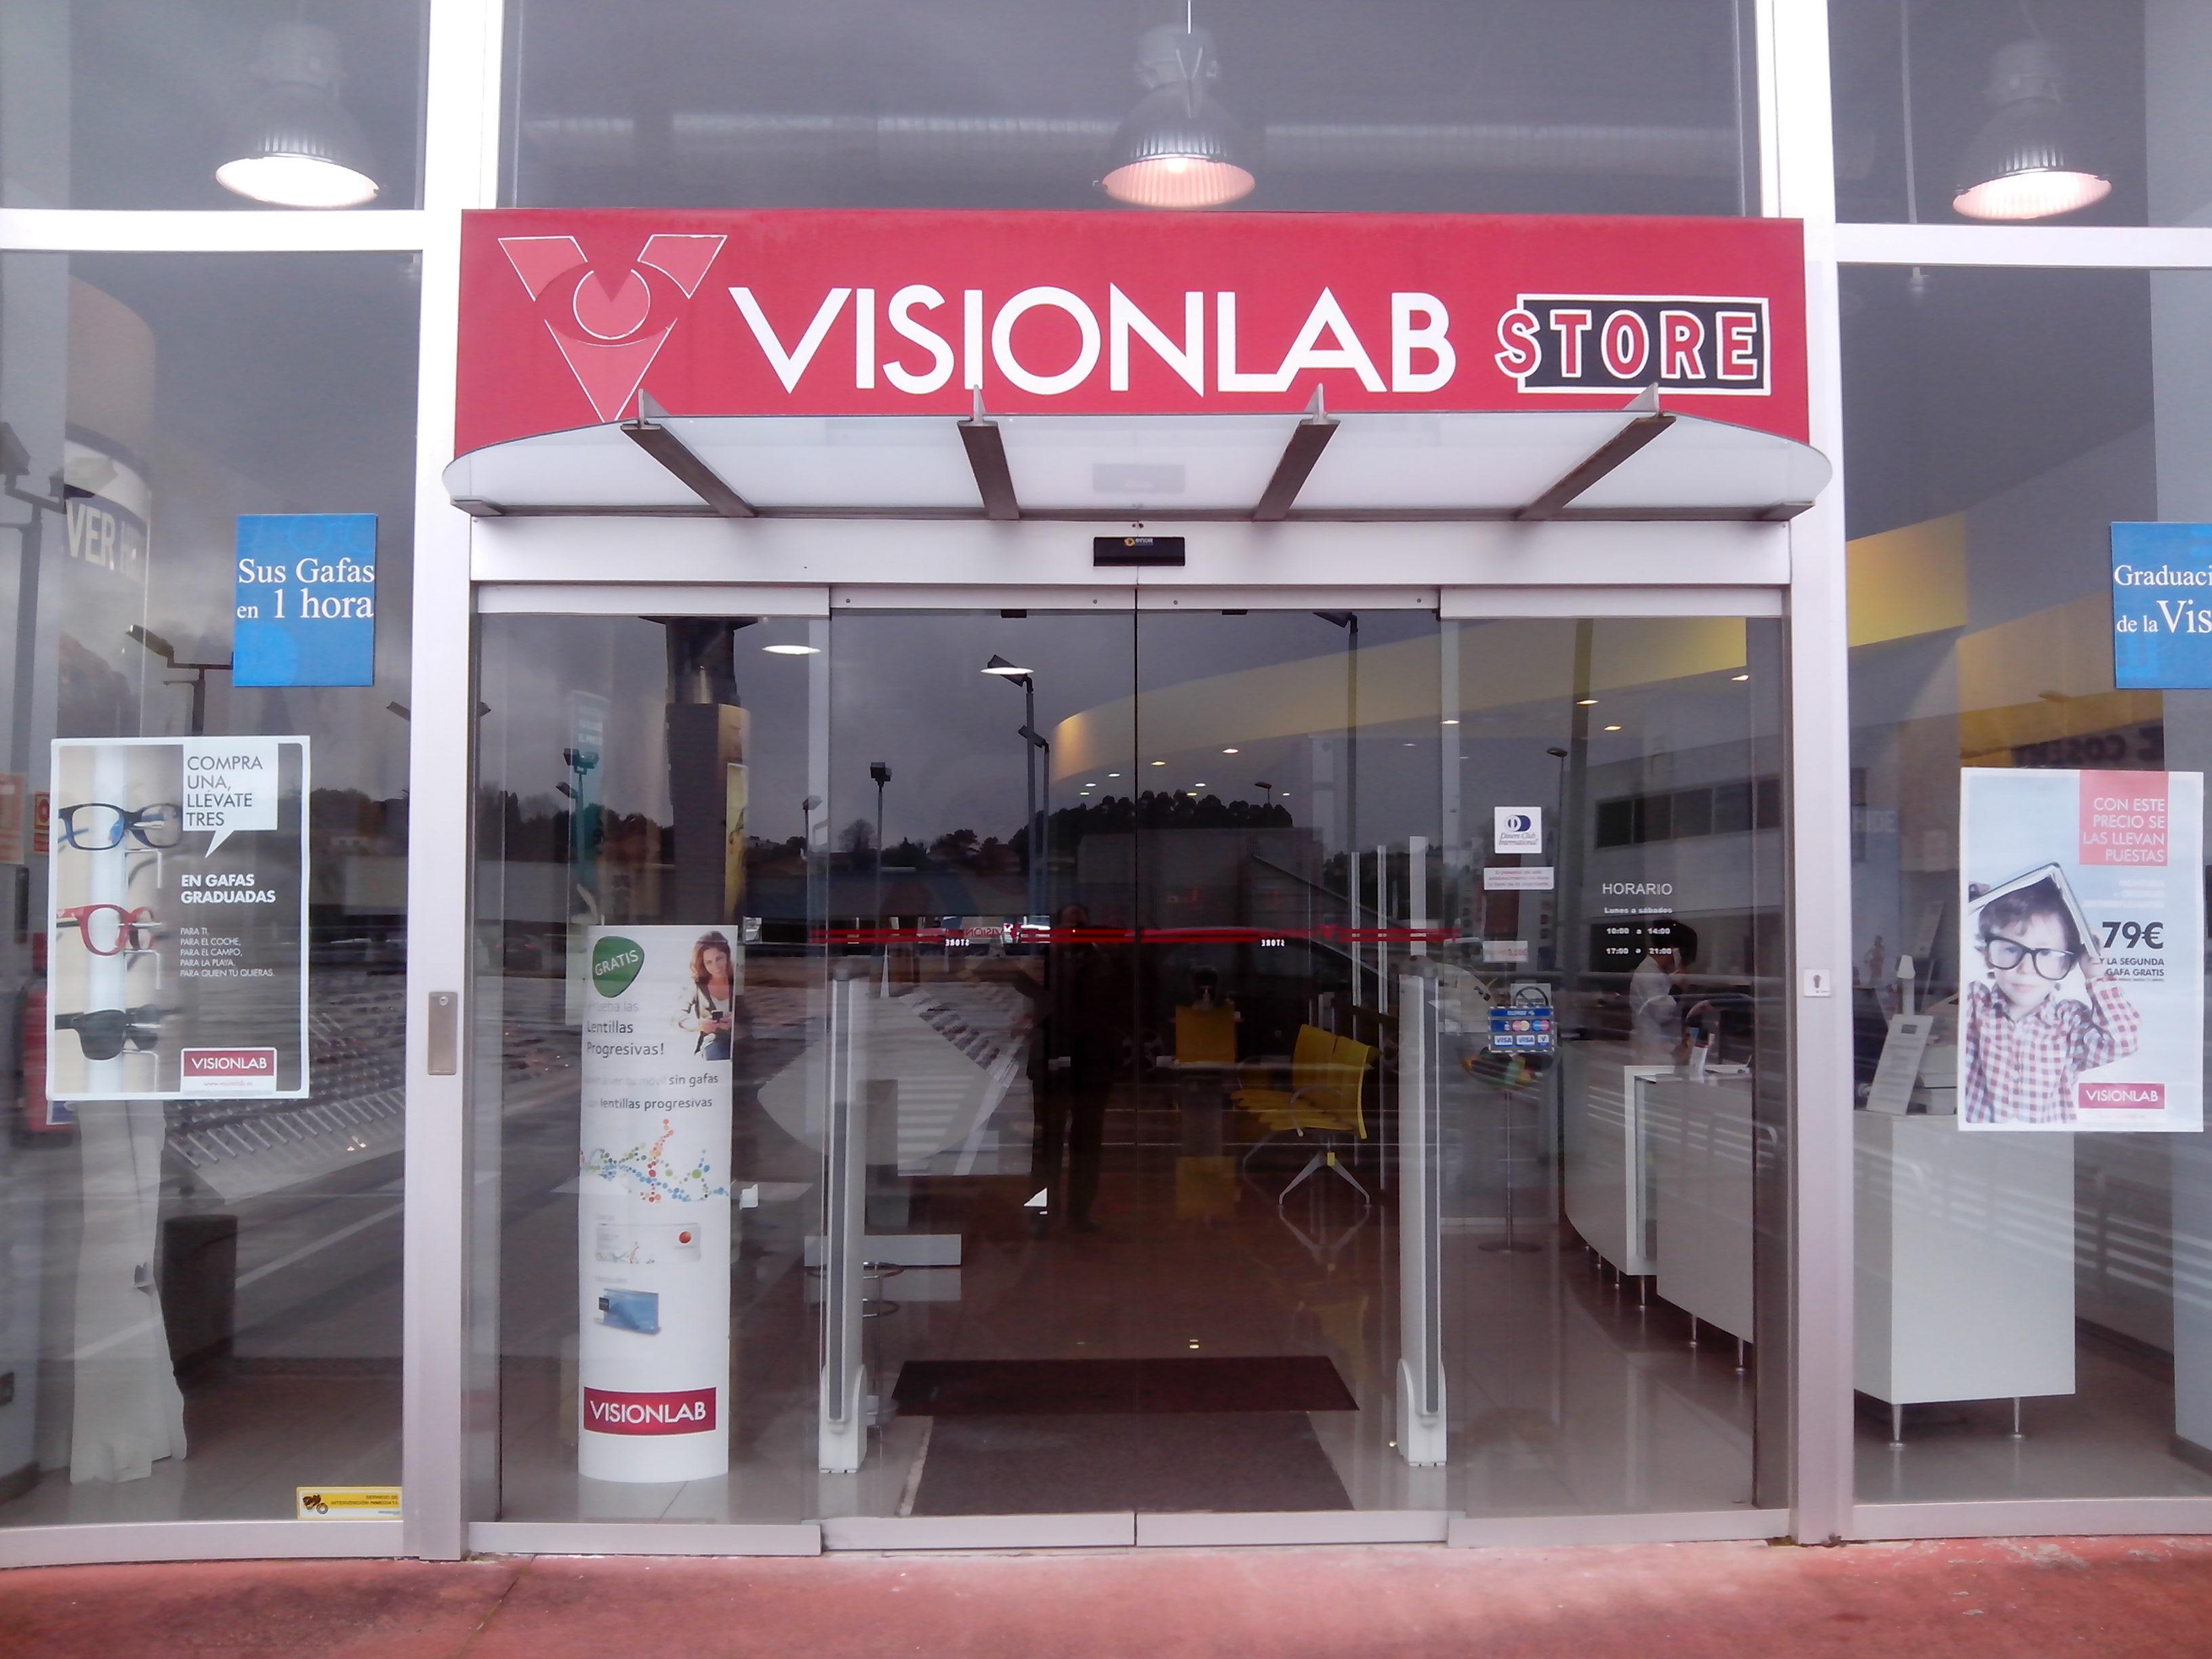 Tienda de Visionlab en el centro comercial Parque Oleiros, en A Coruña: FUENTE: Visionlab